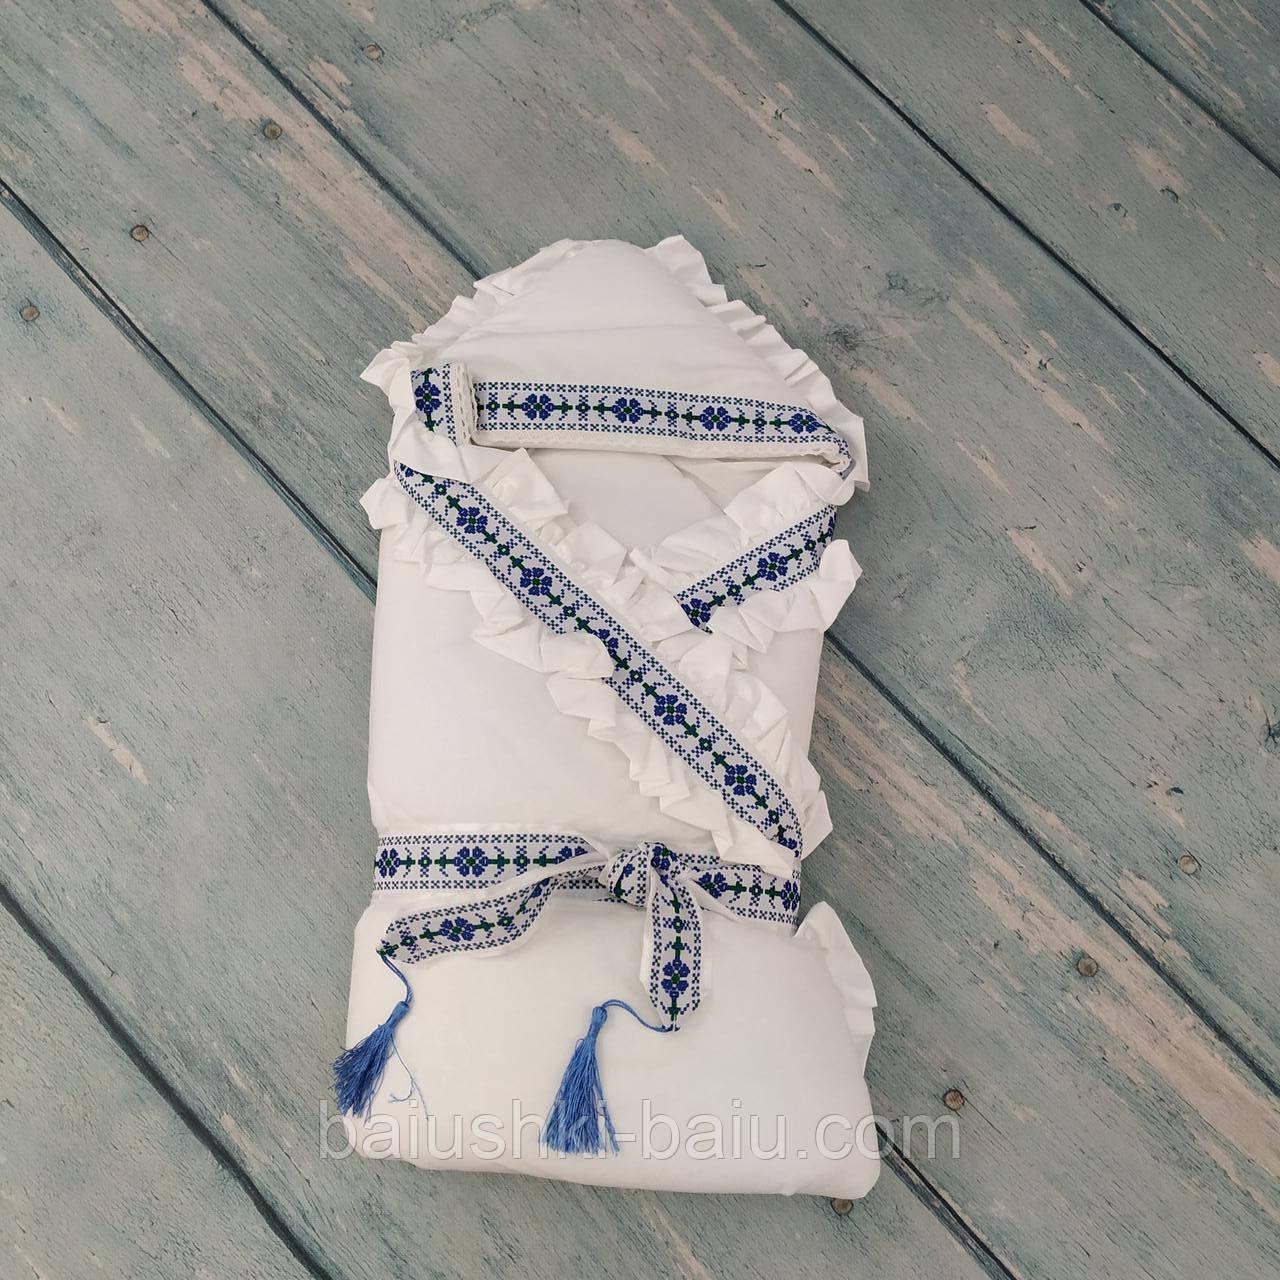 Конверт одеяло на выписку с роддома для мальчика с утеплителем